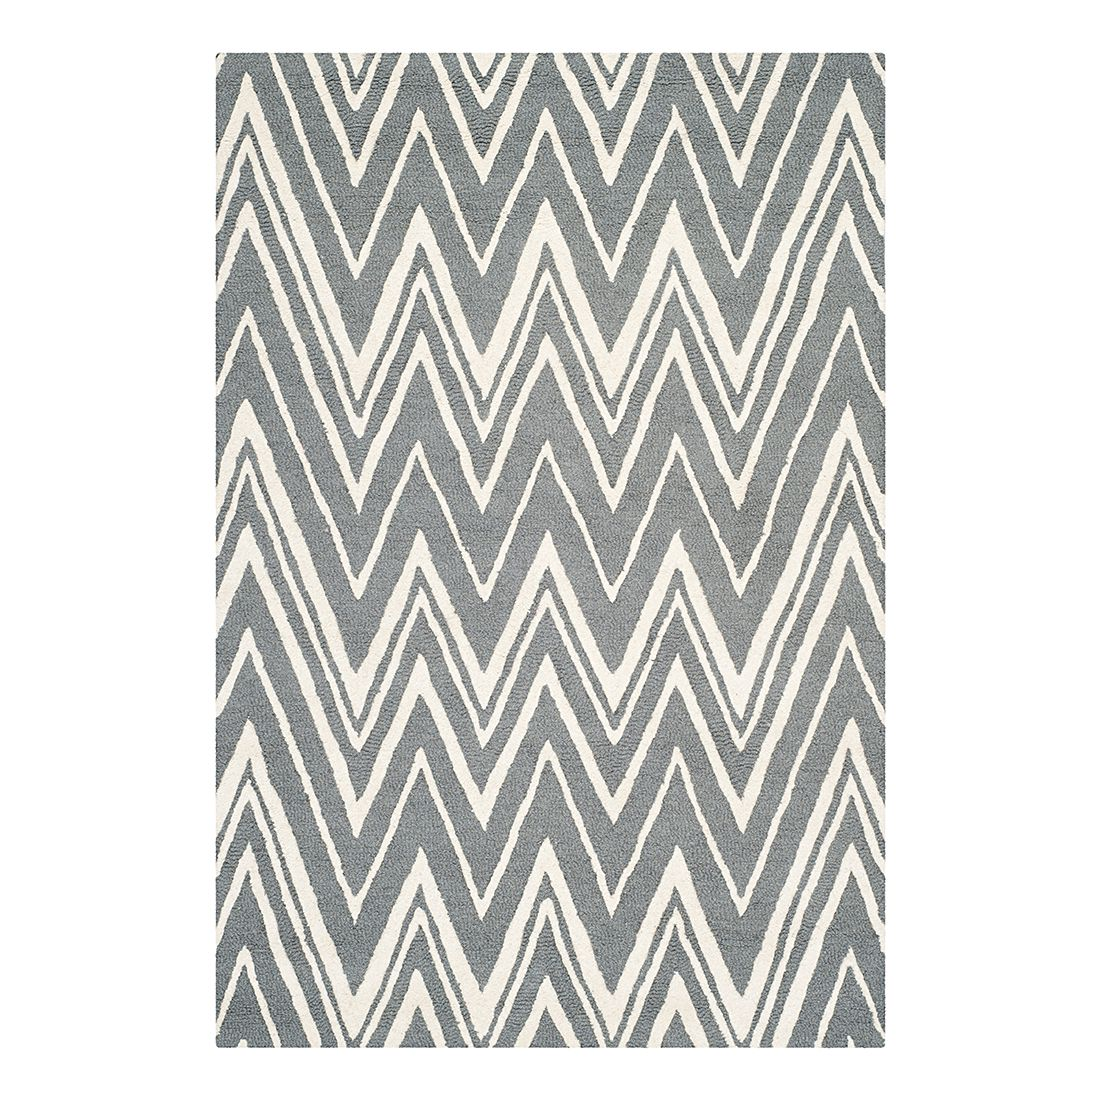 Teppich Luca – Grau/Elfenbein – 120 x 180 cm, Safavieh online bestellen